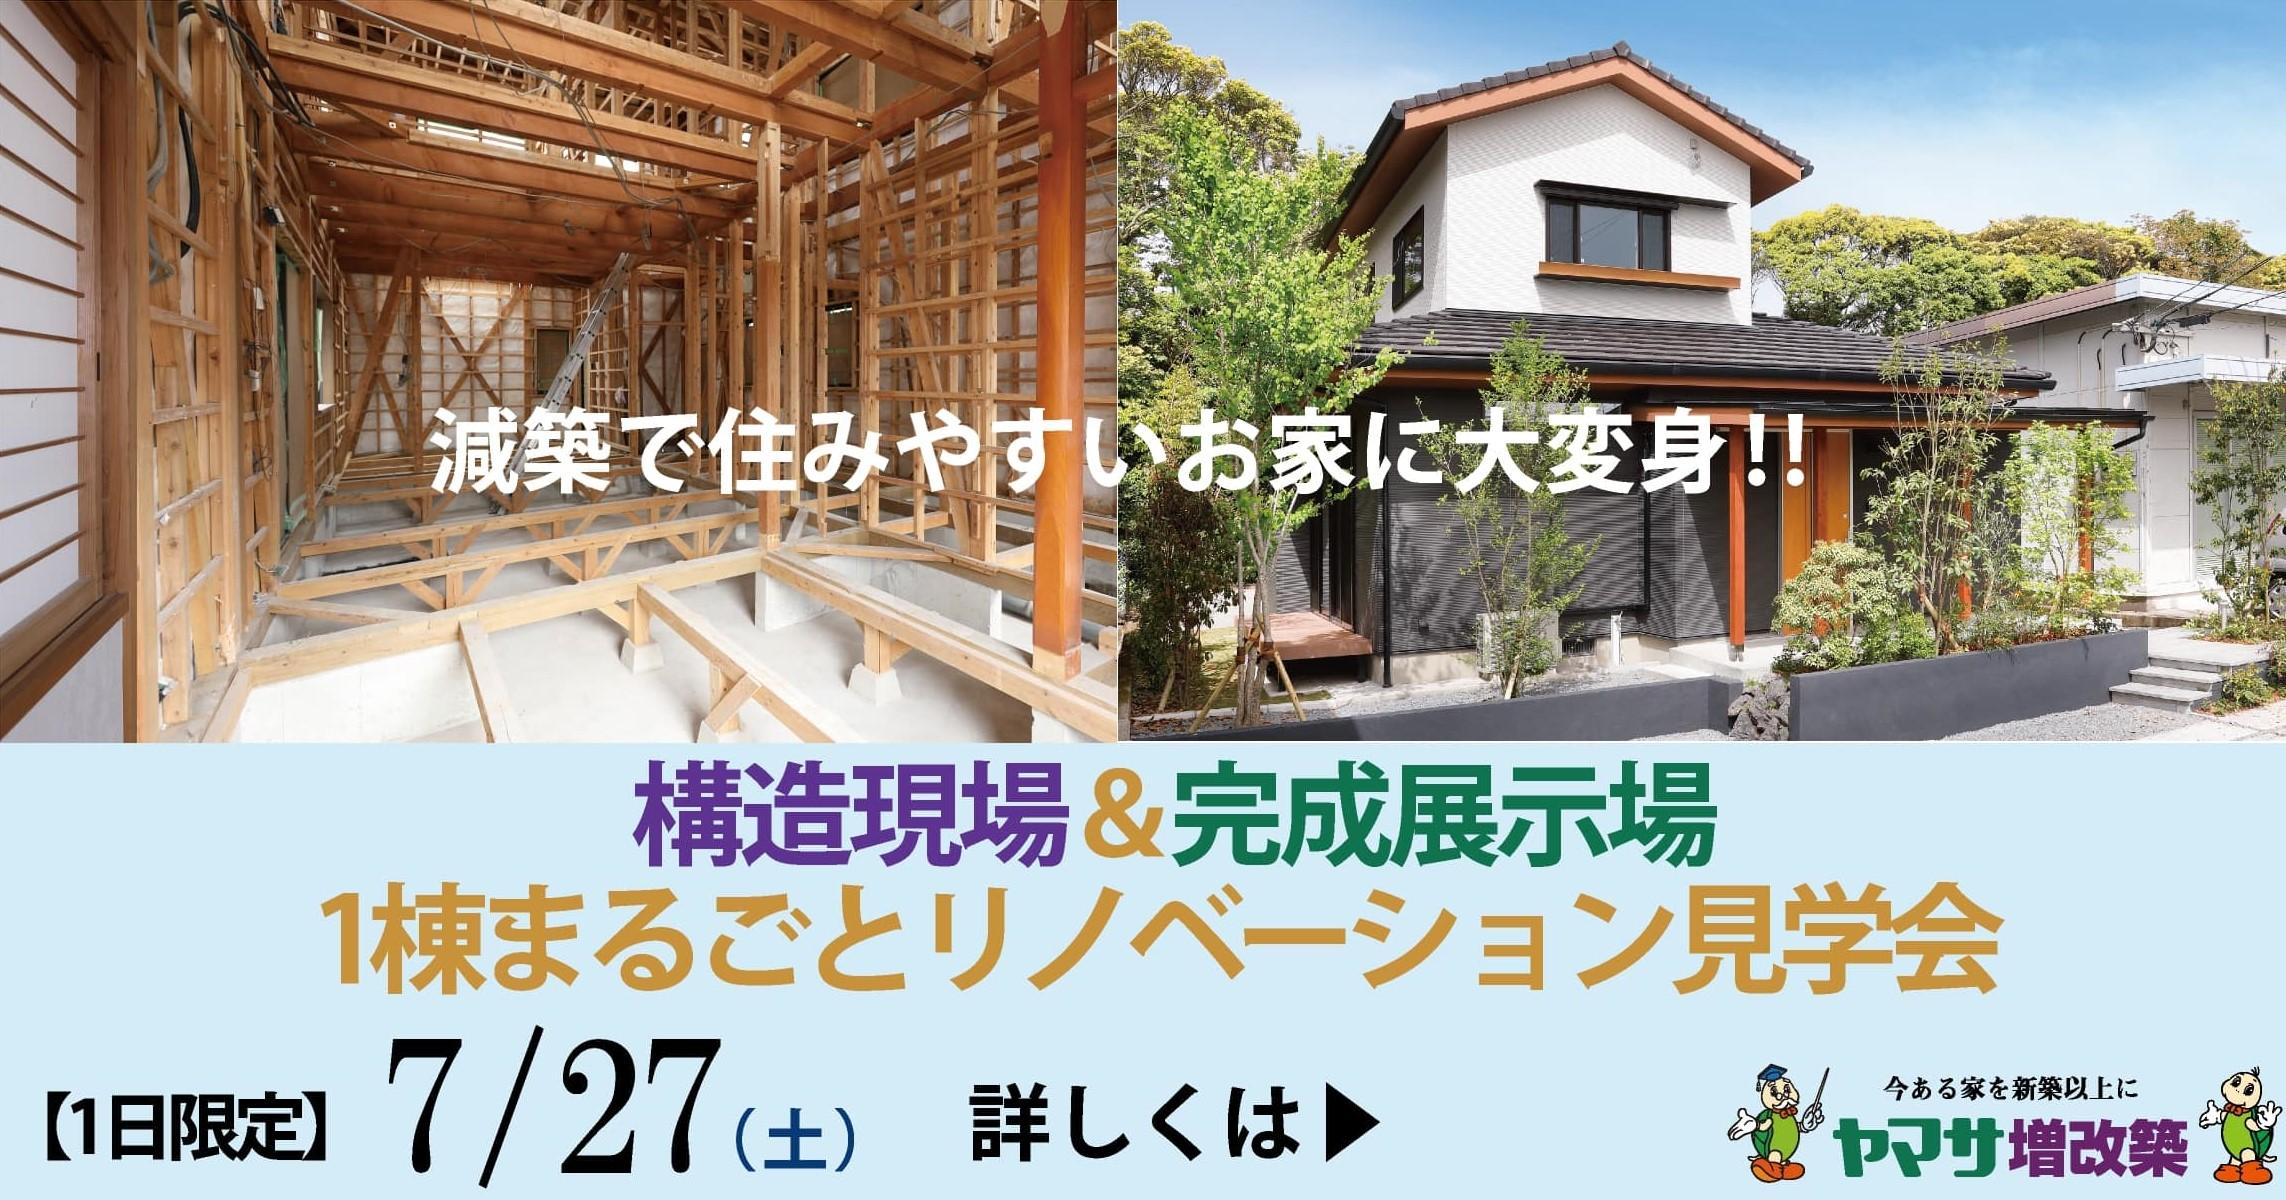 【7/27(土)・桜ヶ丘】まるごとフルリフォーム見学会@鹿児島市